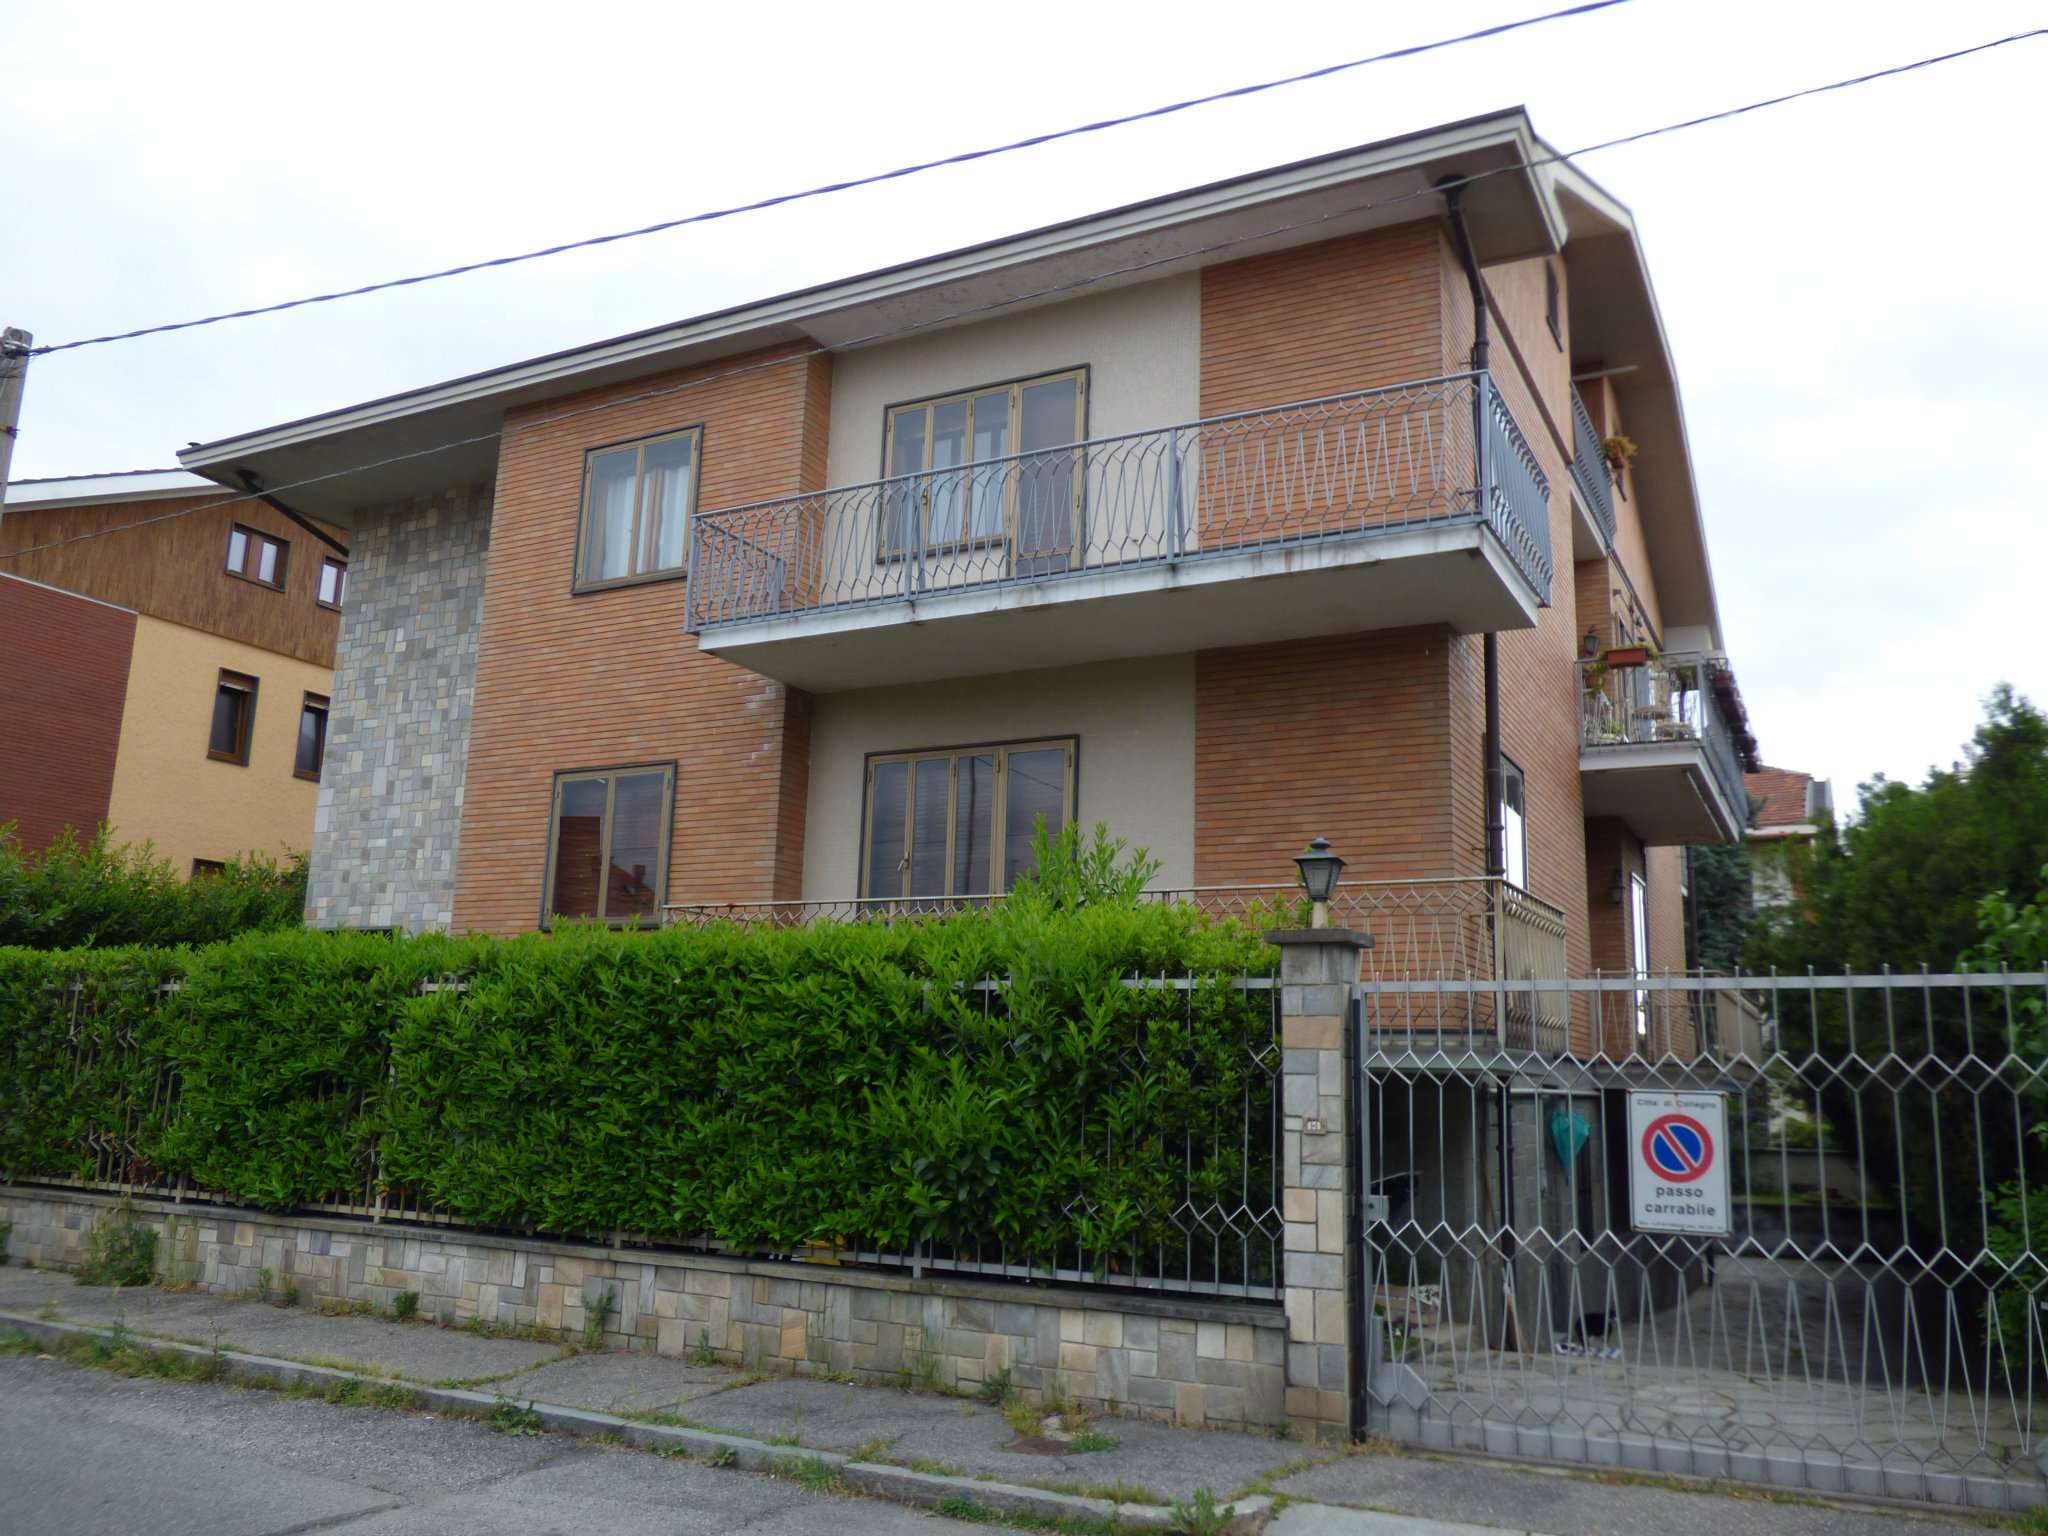 Cerco appartamento con mansarda a collegno for Case in vendita con appartamento seminterrato